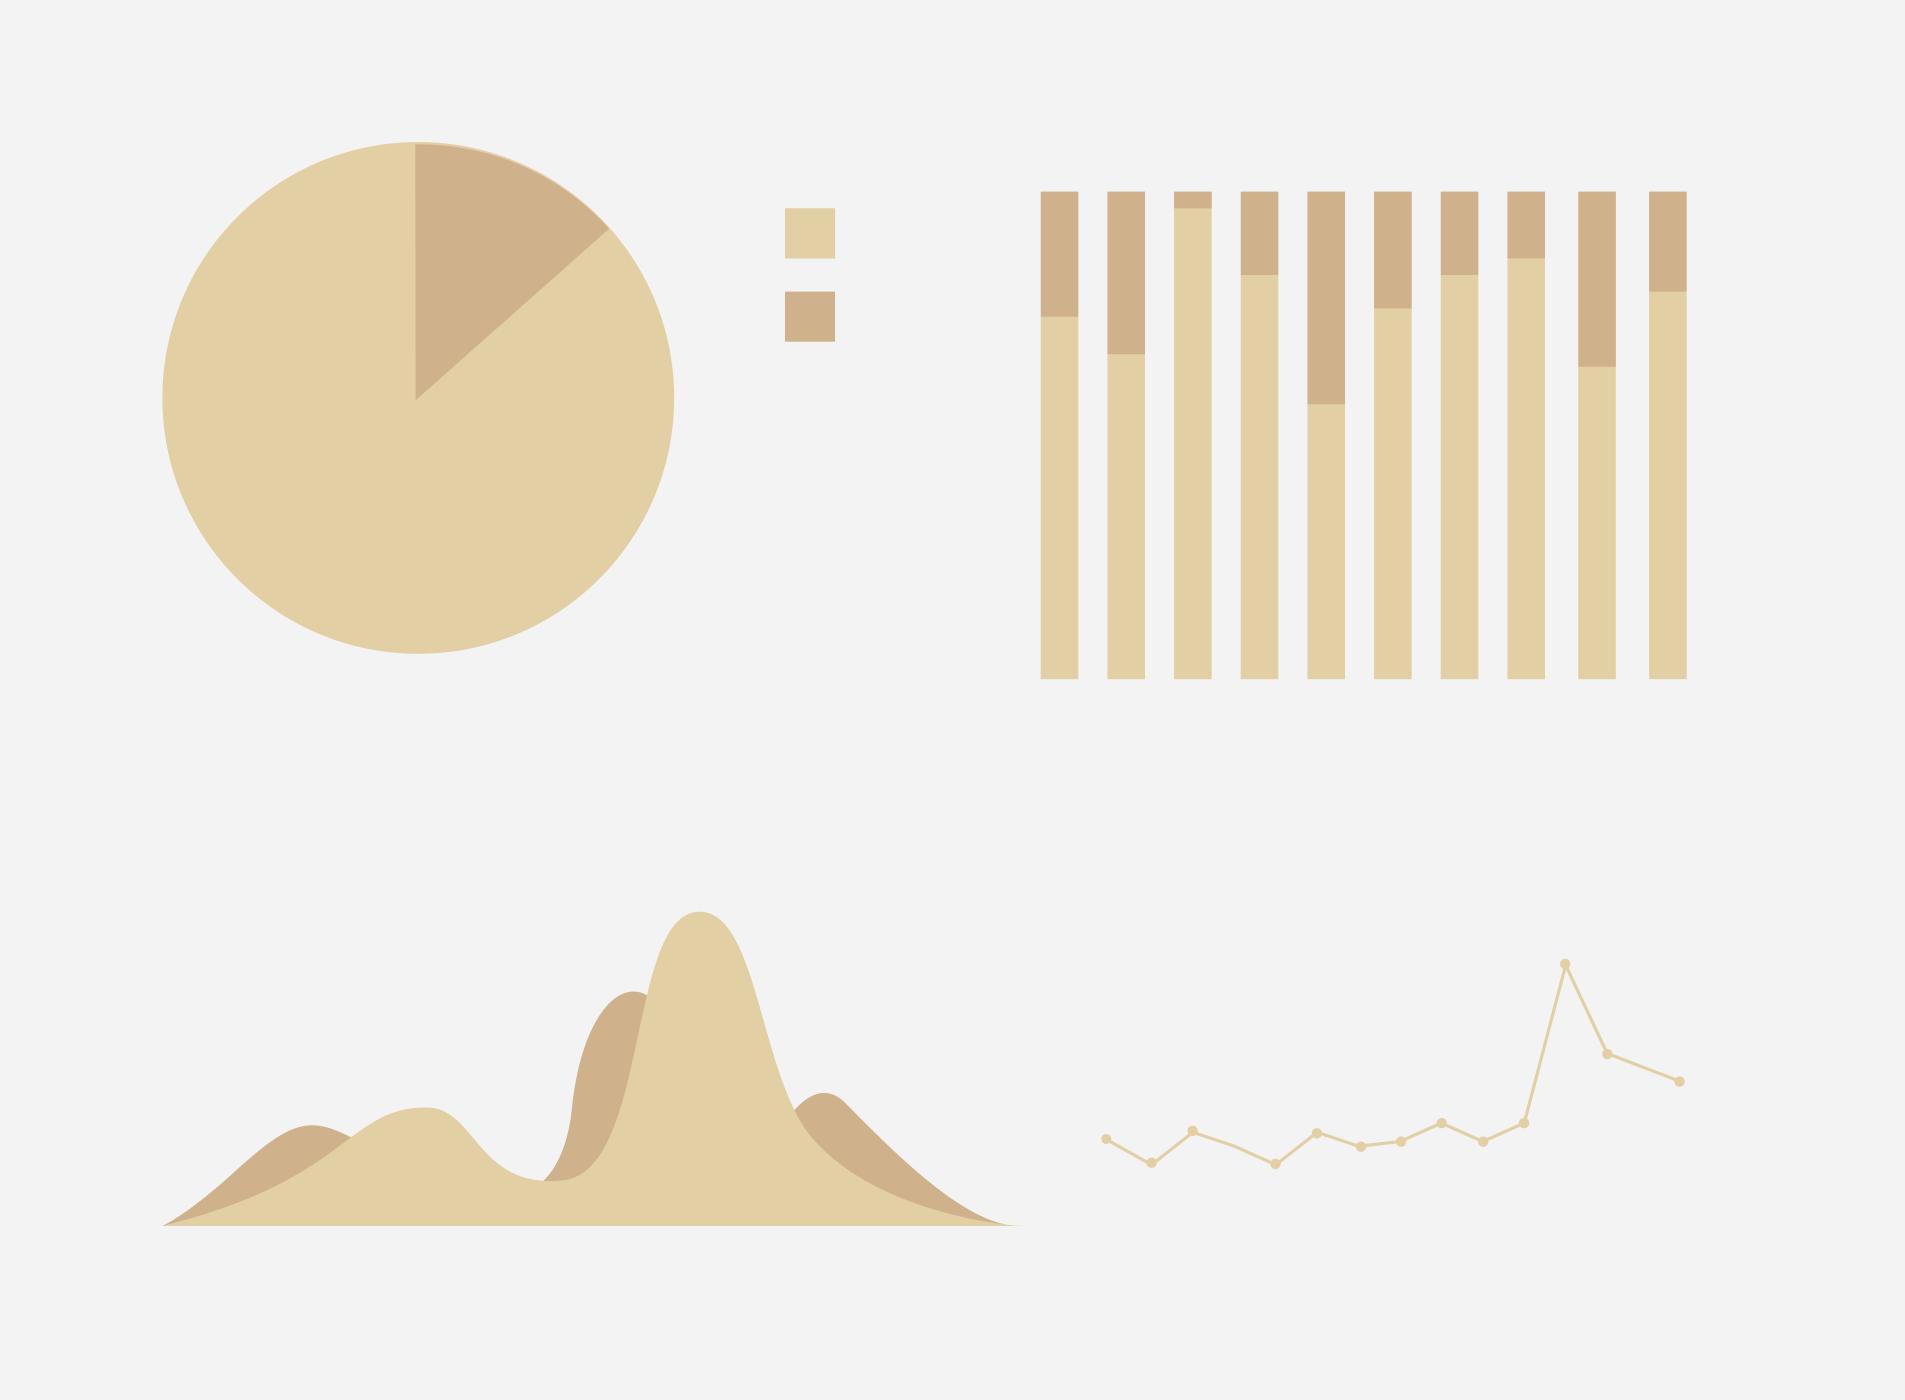 데이터 설계 및 분석